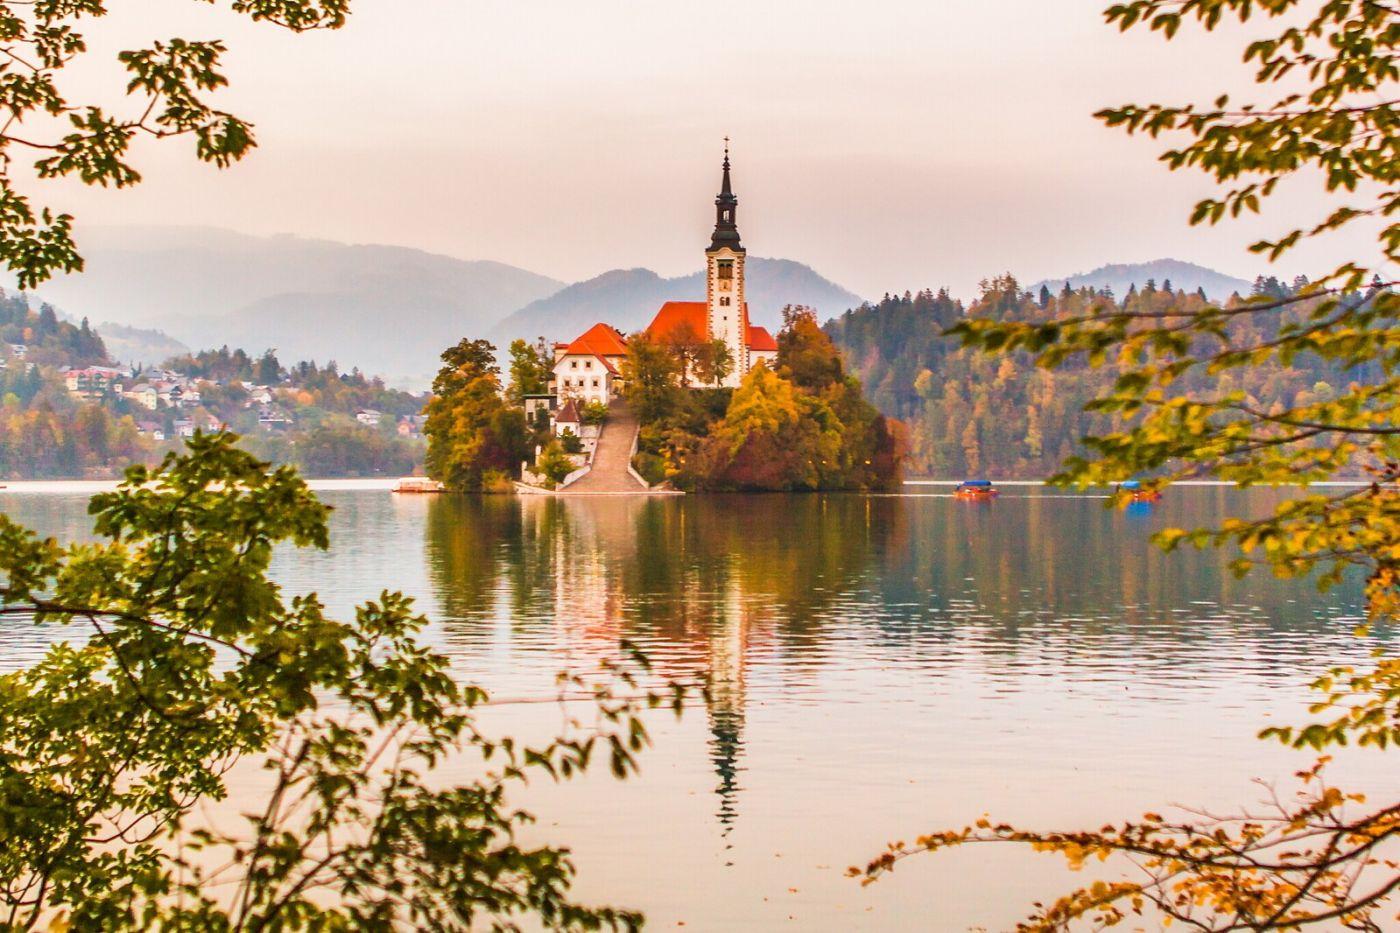 斯洛文尼亚布莱德湖(Lake Bled),湖中教堂_图1-5